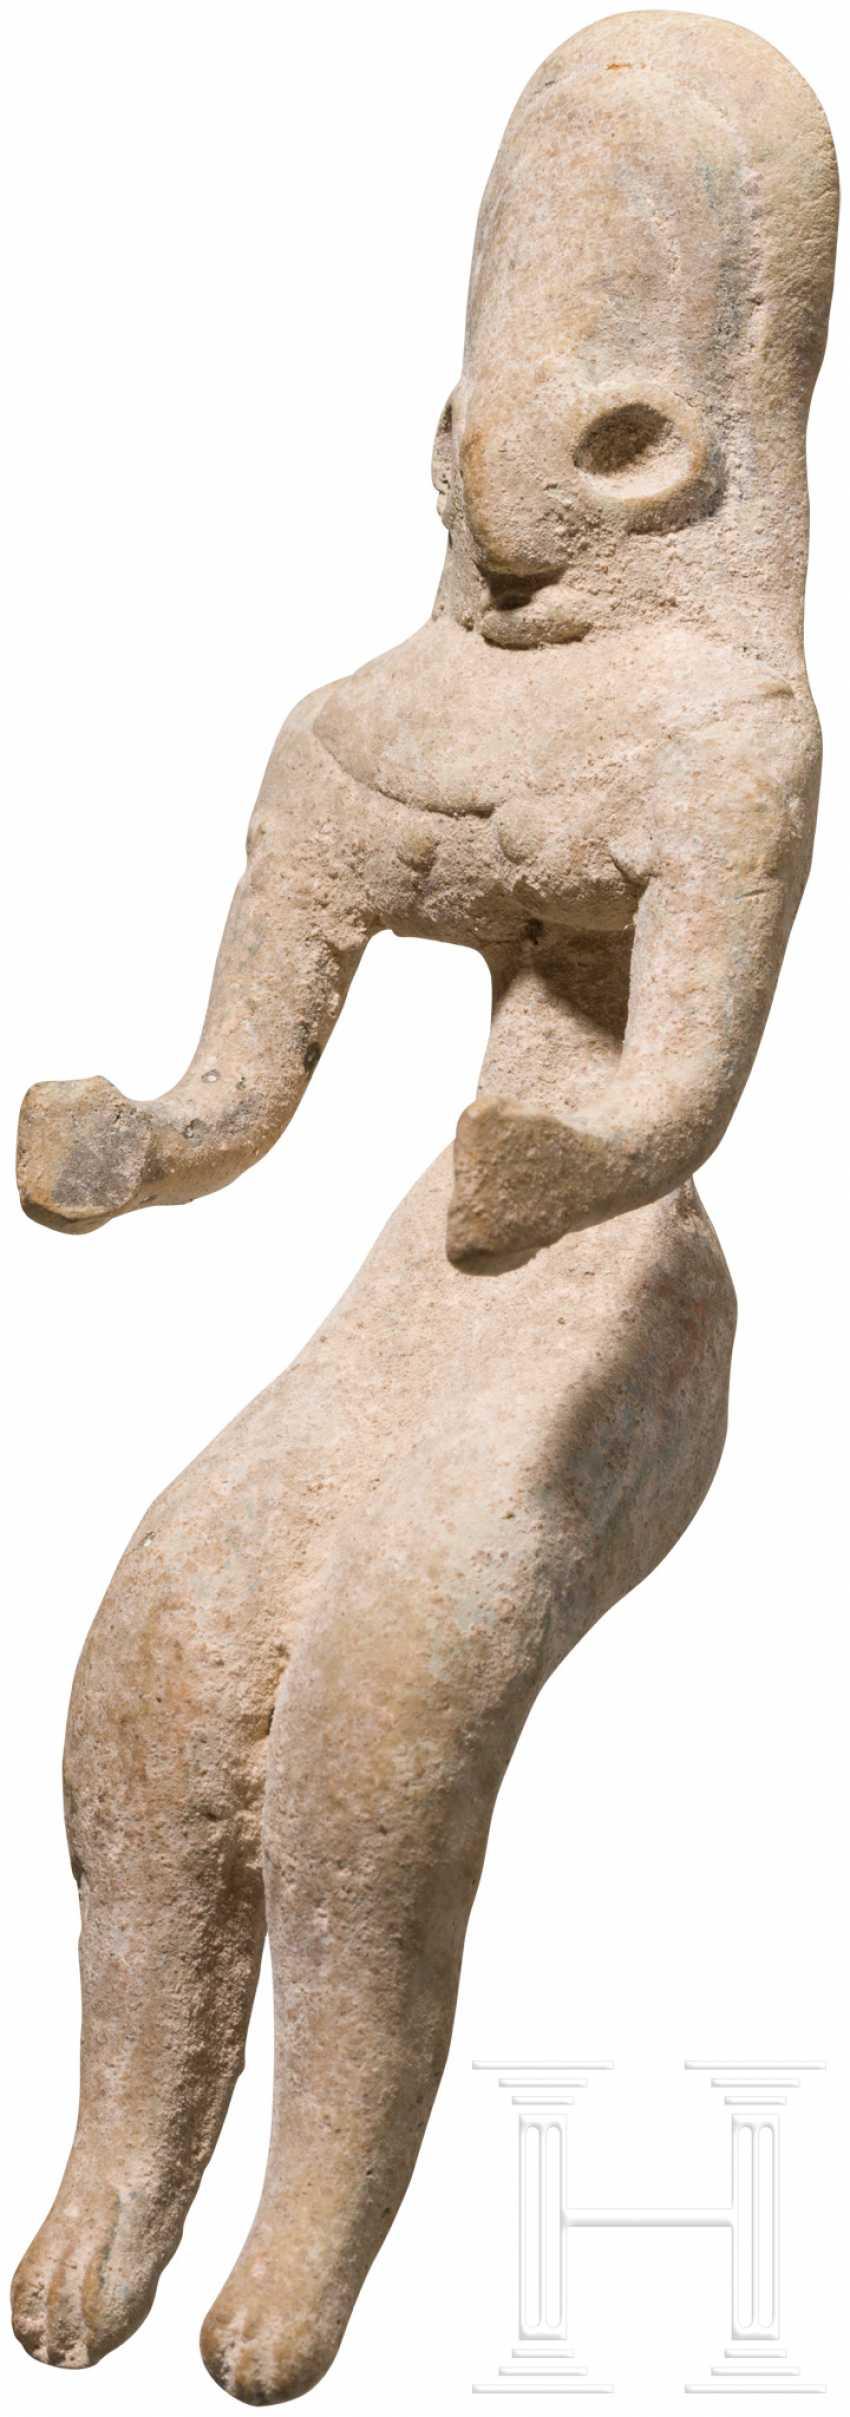 Женский Терракотовый Idol, Indus Valley Civilization, Пакистан-Северо-Западная Индия, 3. Тысячелетии до н. э. - фото 2